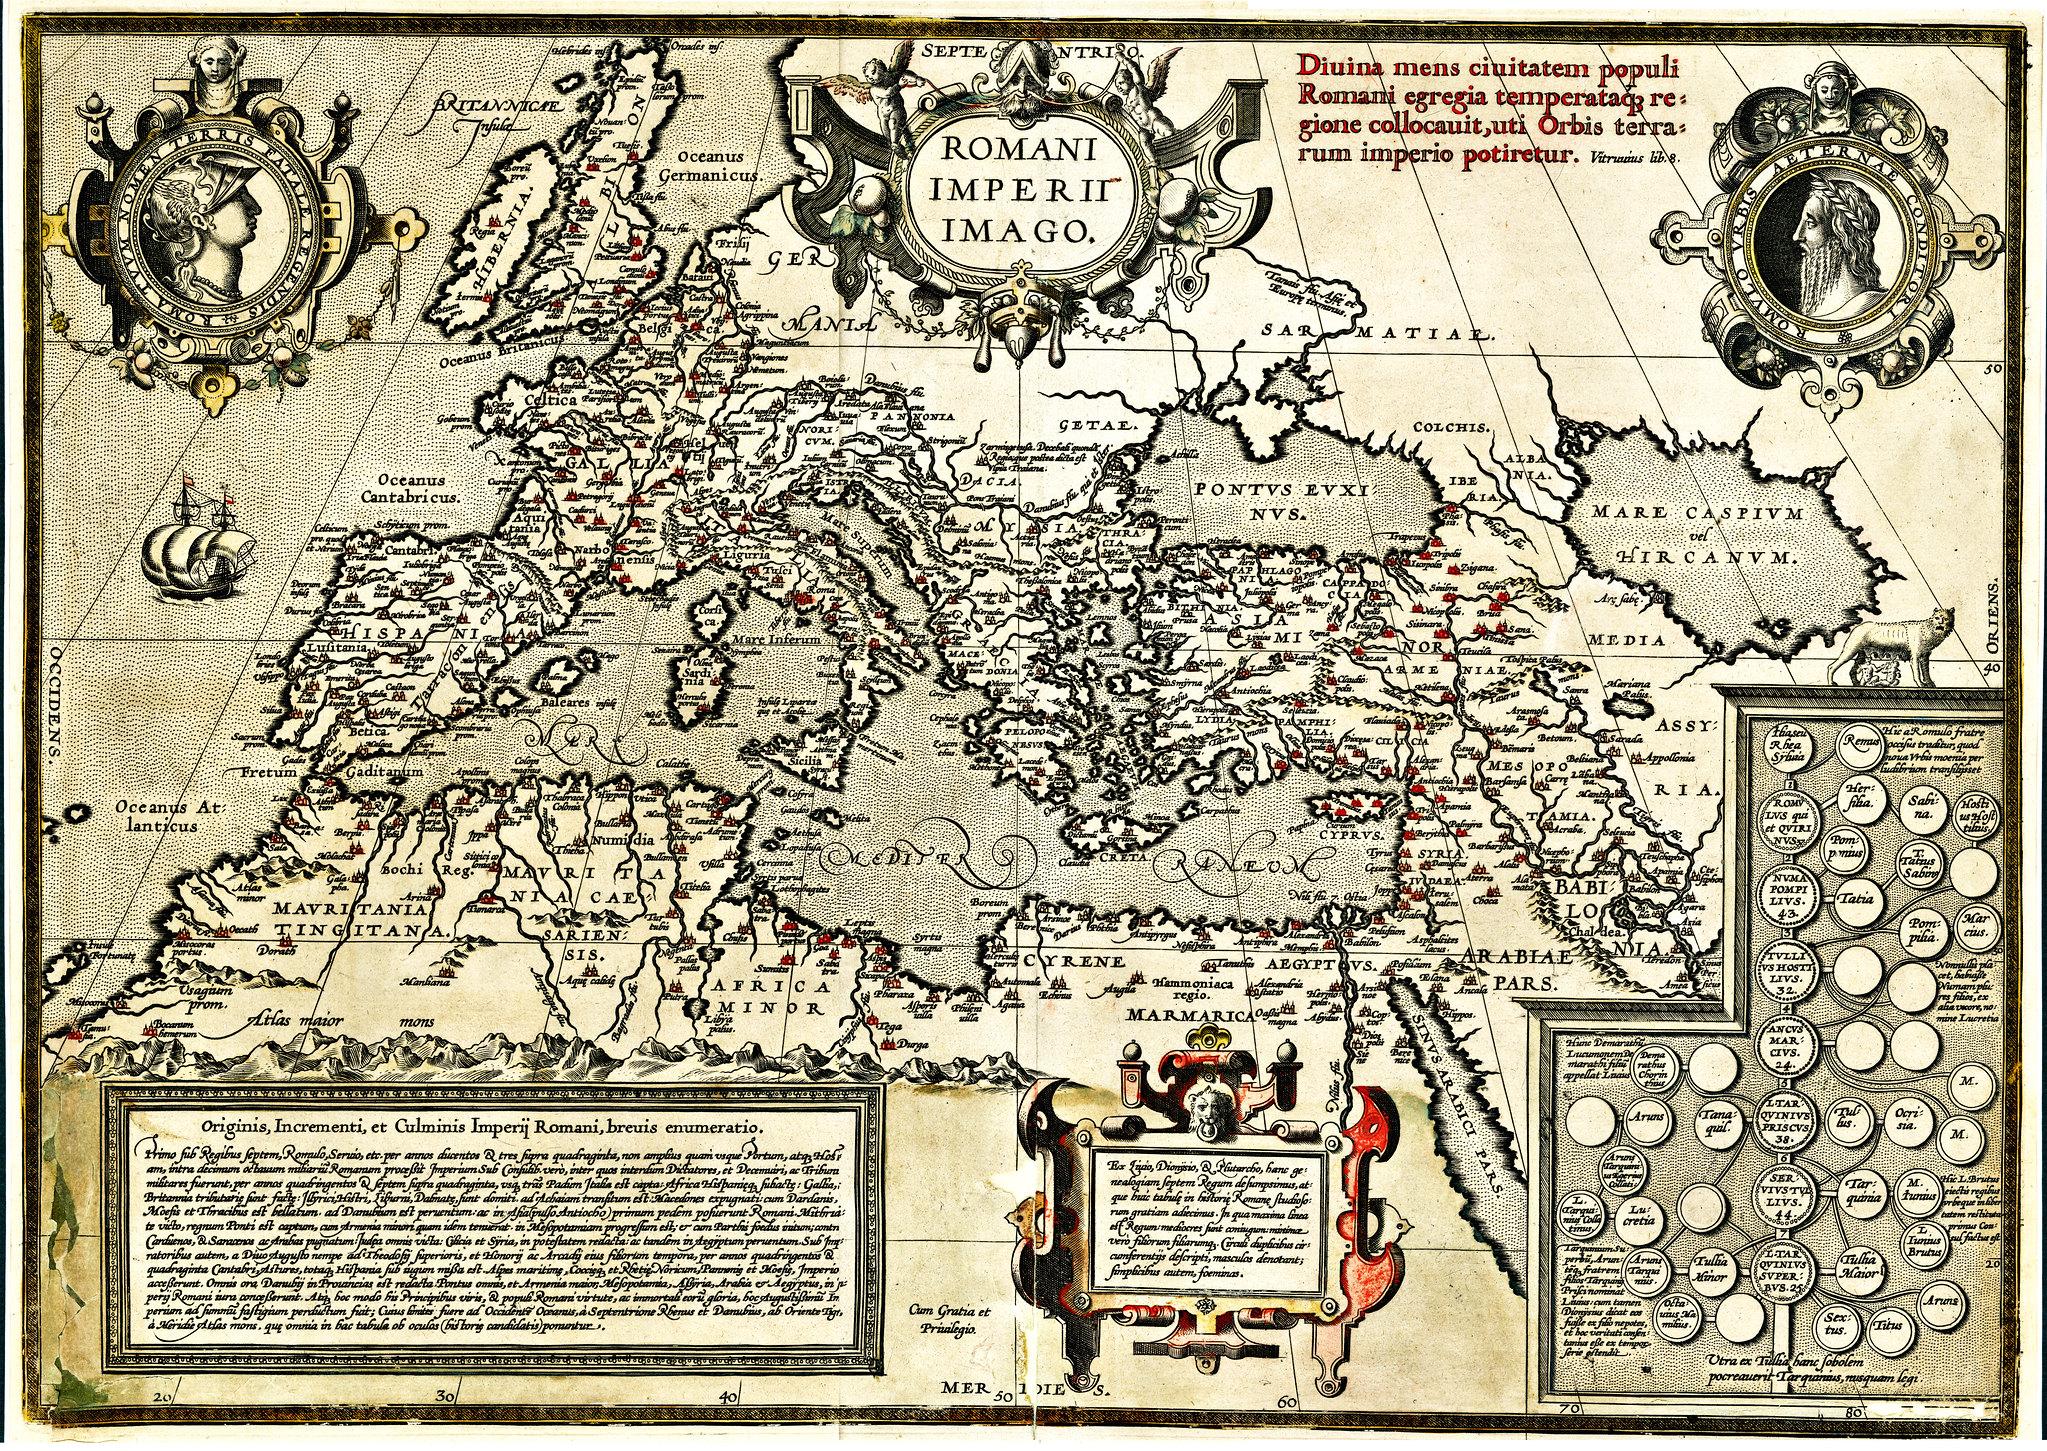 Roman Imperii Imago